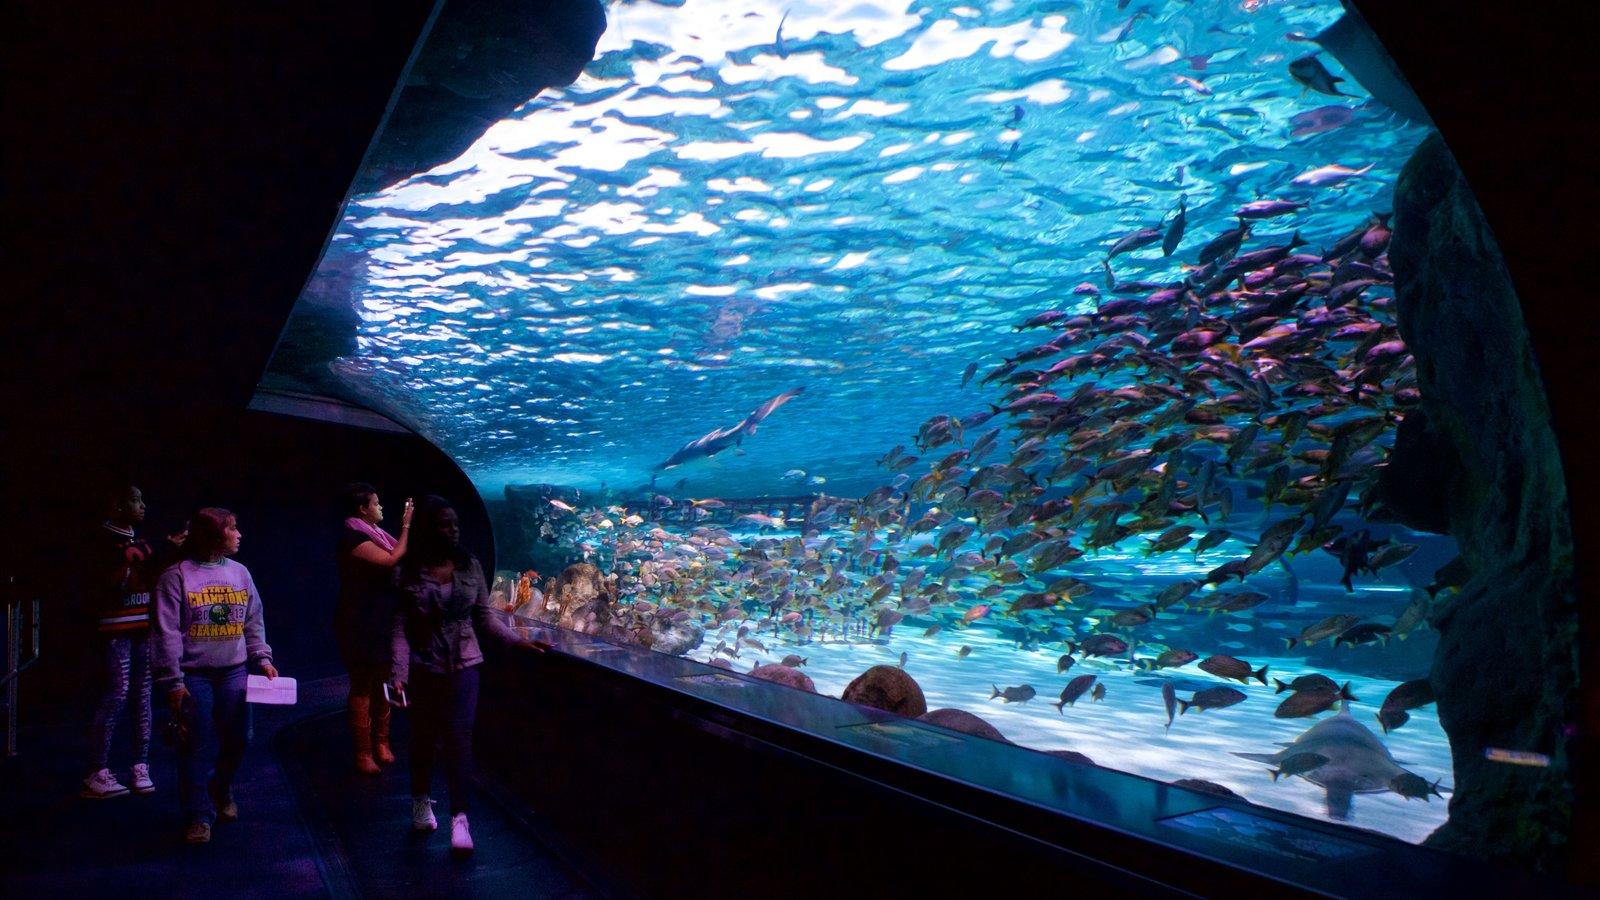 Região costeira da Carolina do Sul caracterizando vida marinha e vistas internas